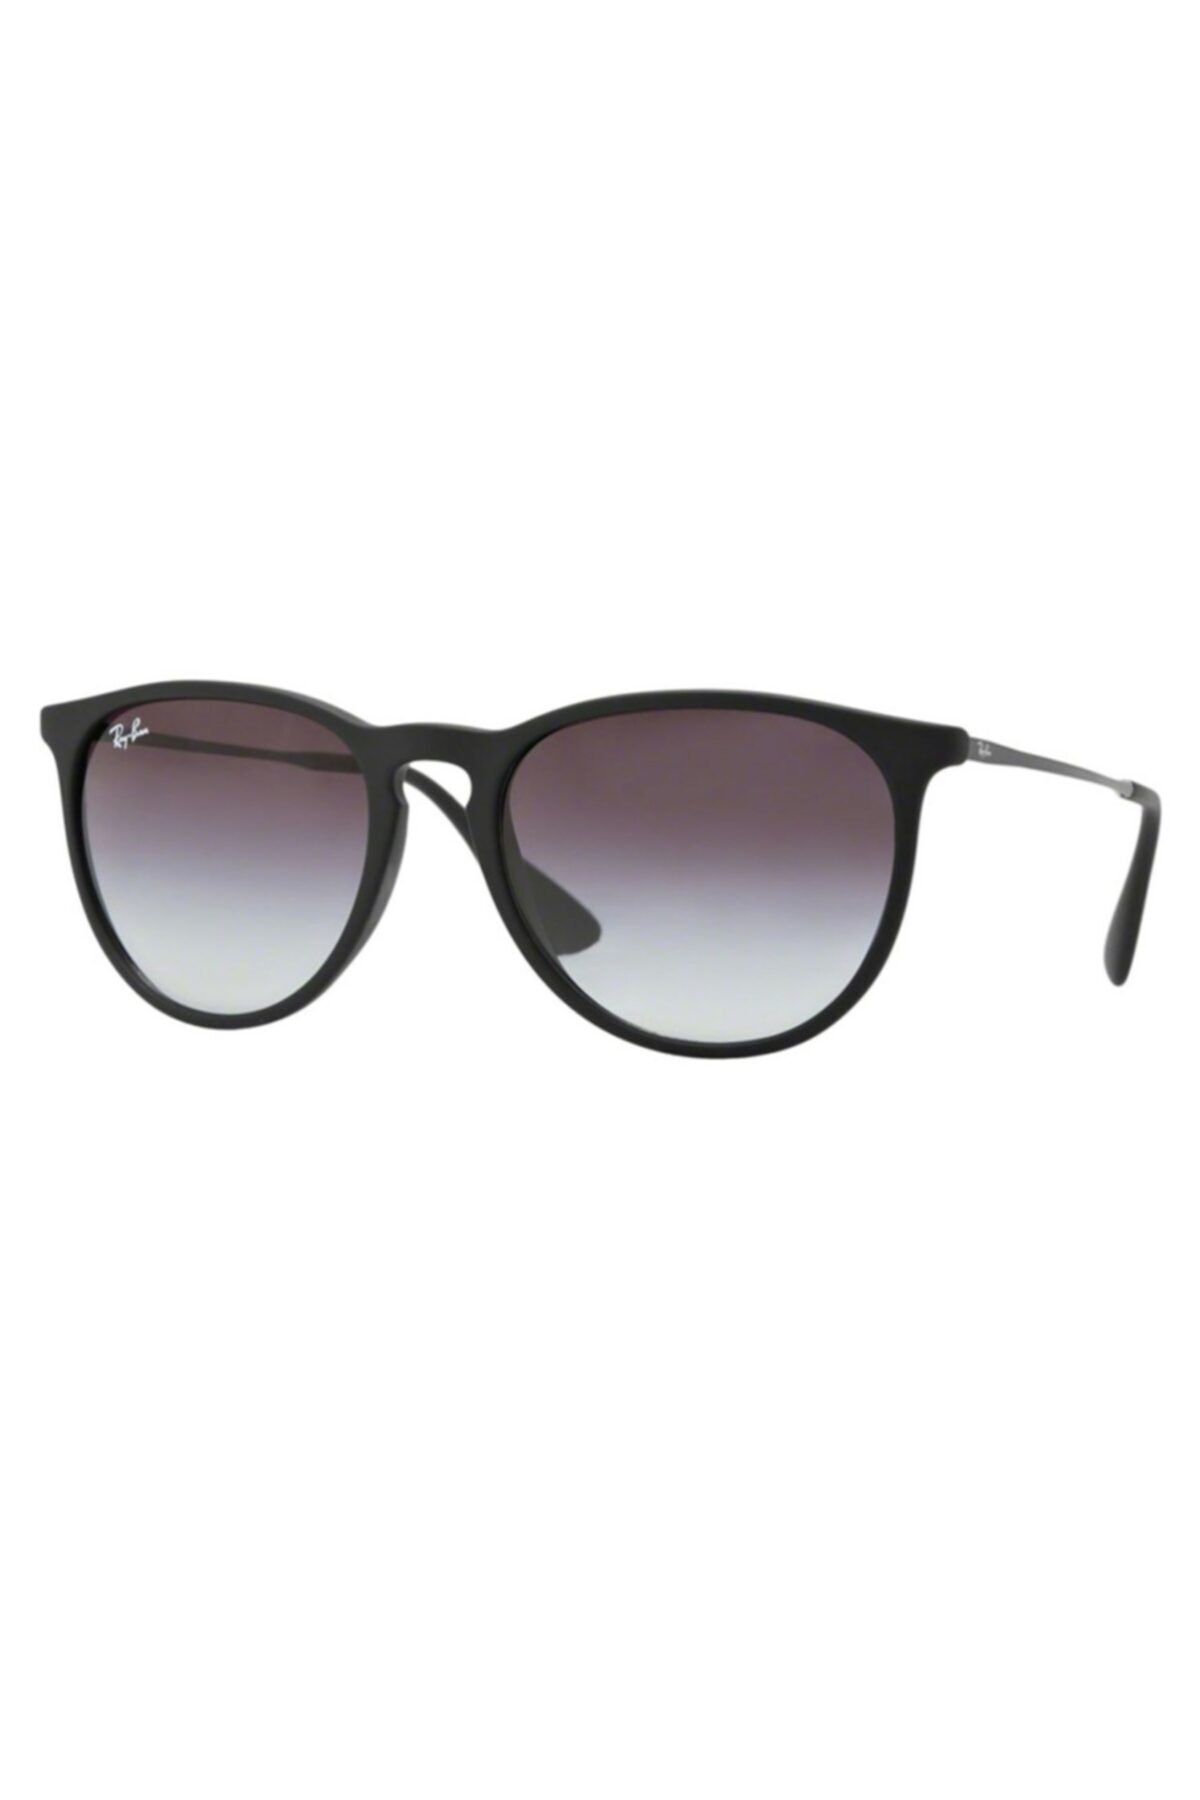 عینک آفتابی مردانه ترکیه برند ری بن رنگ مشکی کد ty731469